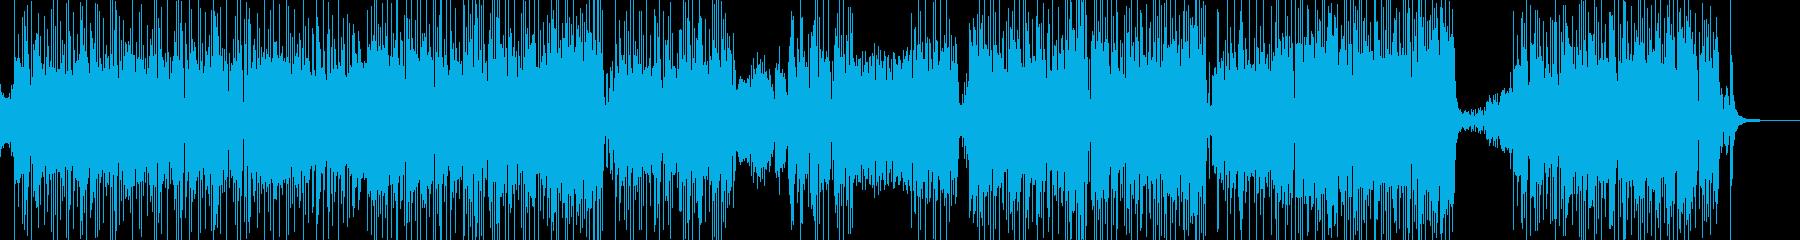 胸キュン・可愛い雰囲気のポップス 長尺の再生済みの波形